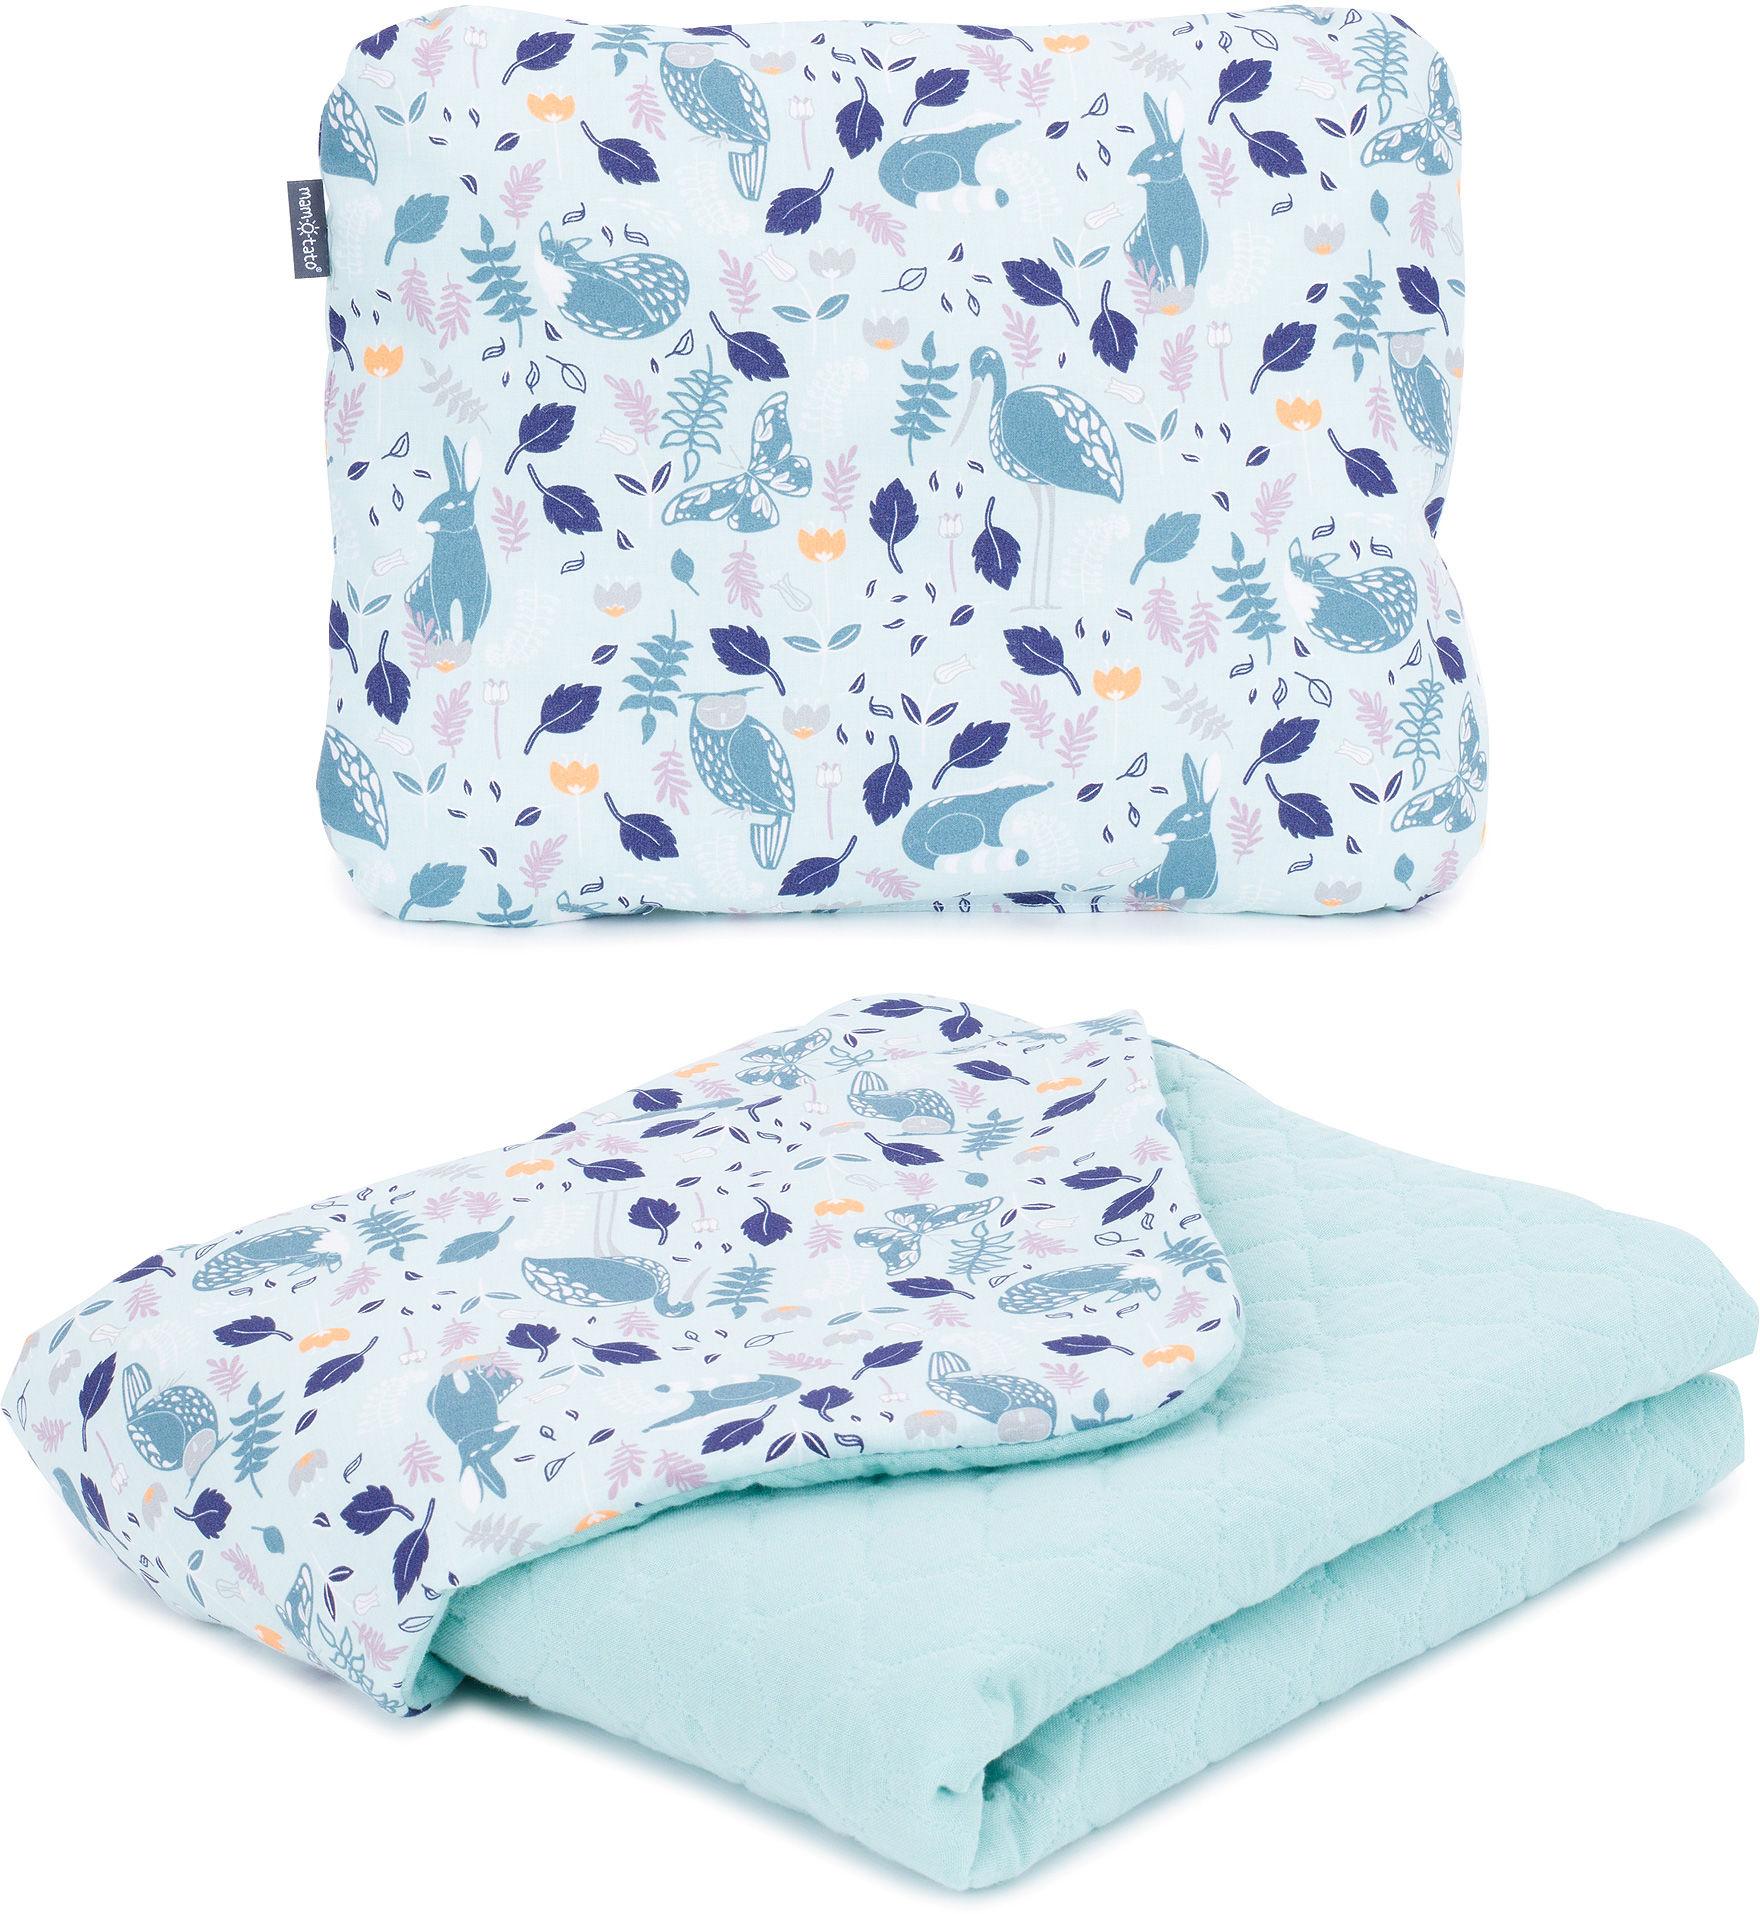 MAMO-TATO KOMPLET Kocyk dla dzieci i niemowląt 75x100 - MUŚLIN PIK + poduszka - Premium - Czaple na oceanie / jasna szałwia - ocieplony